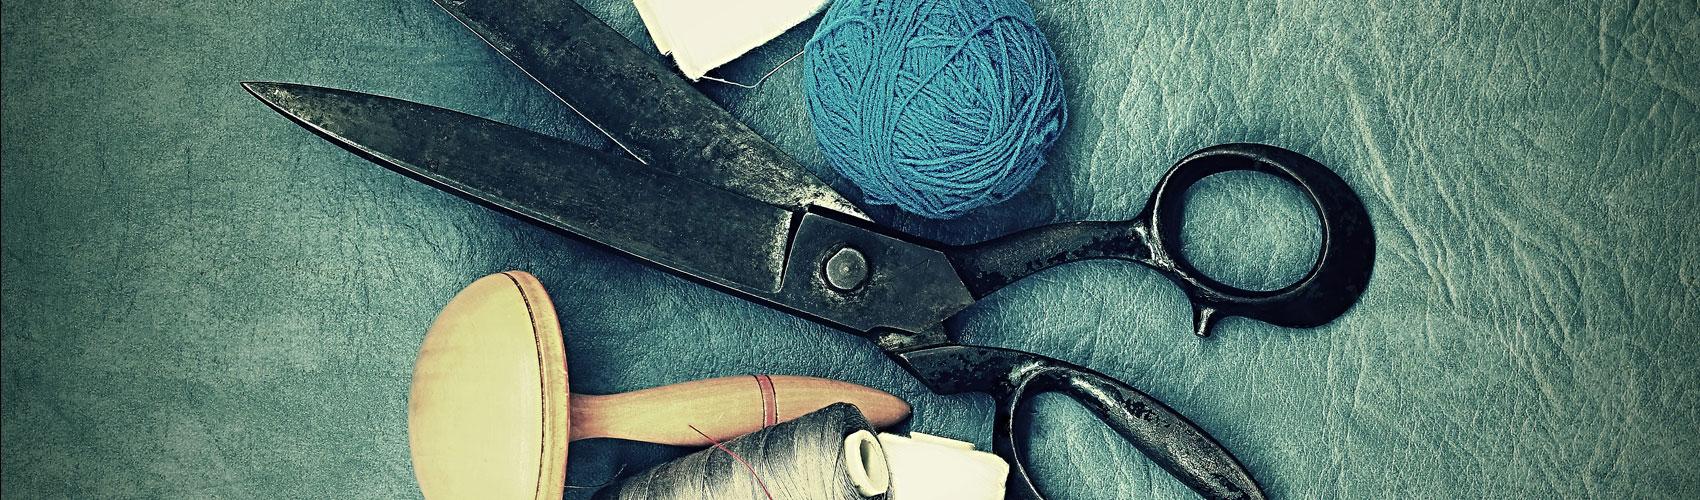 scissors-1008908